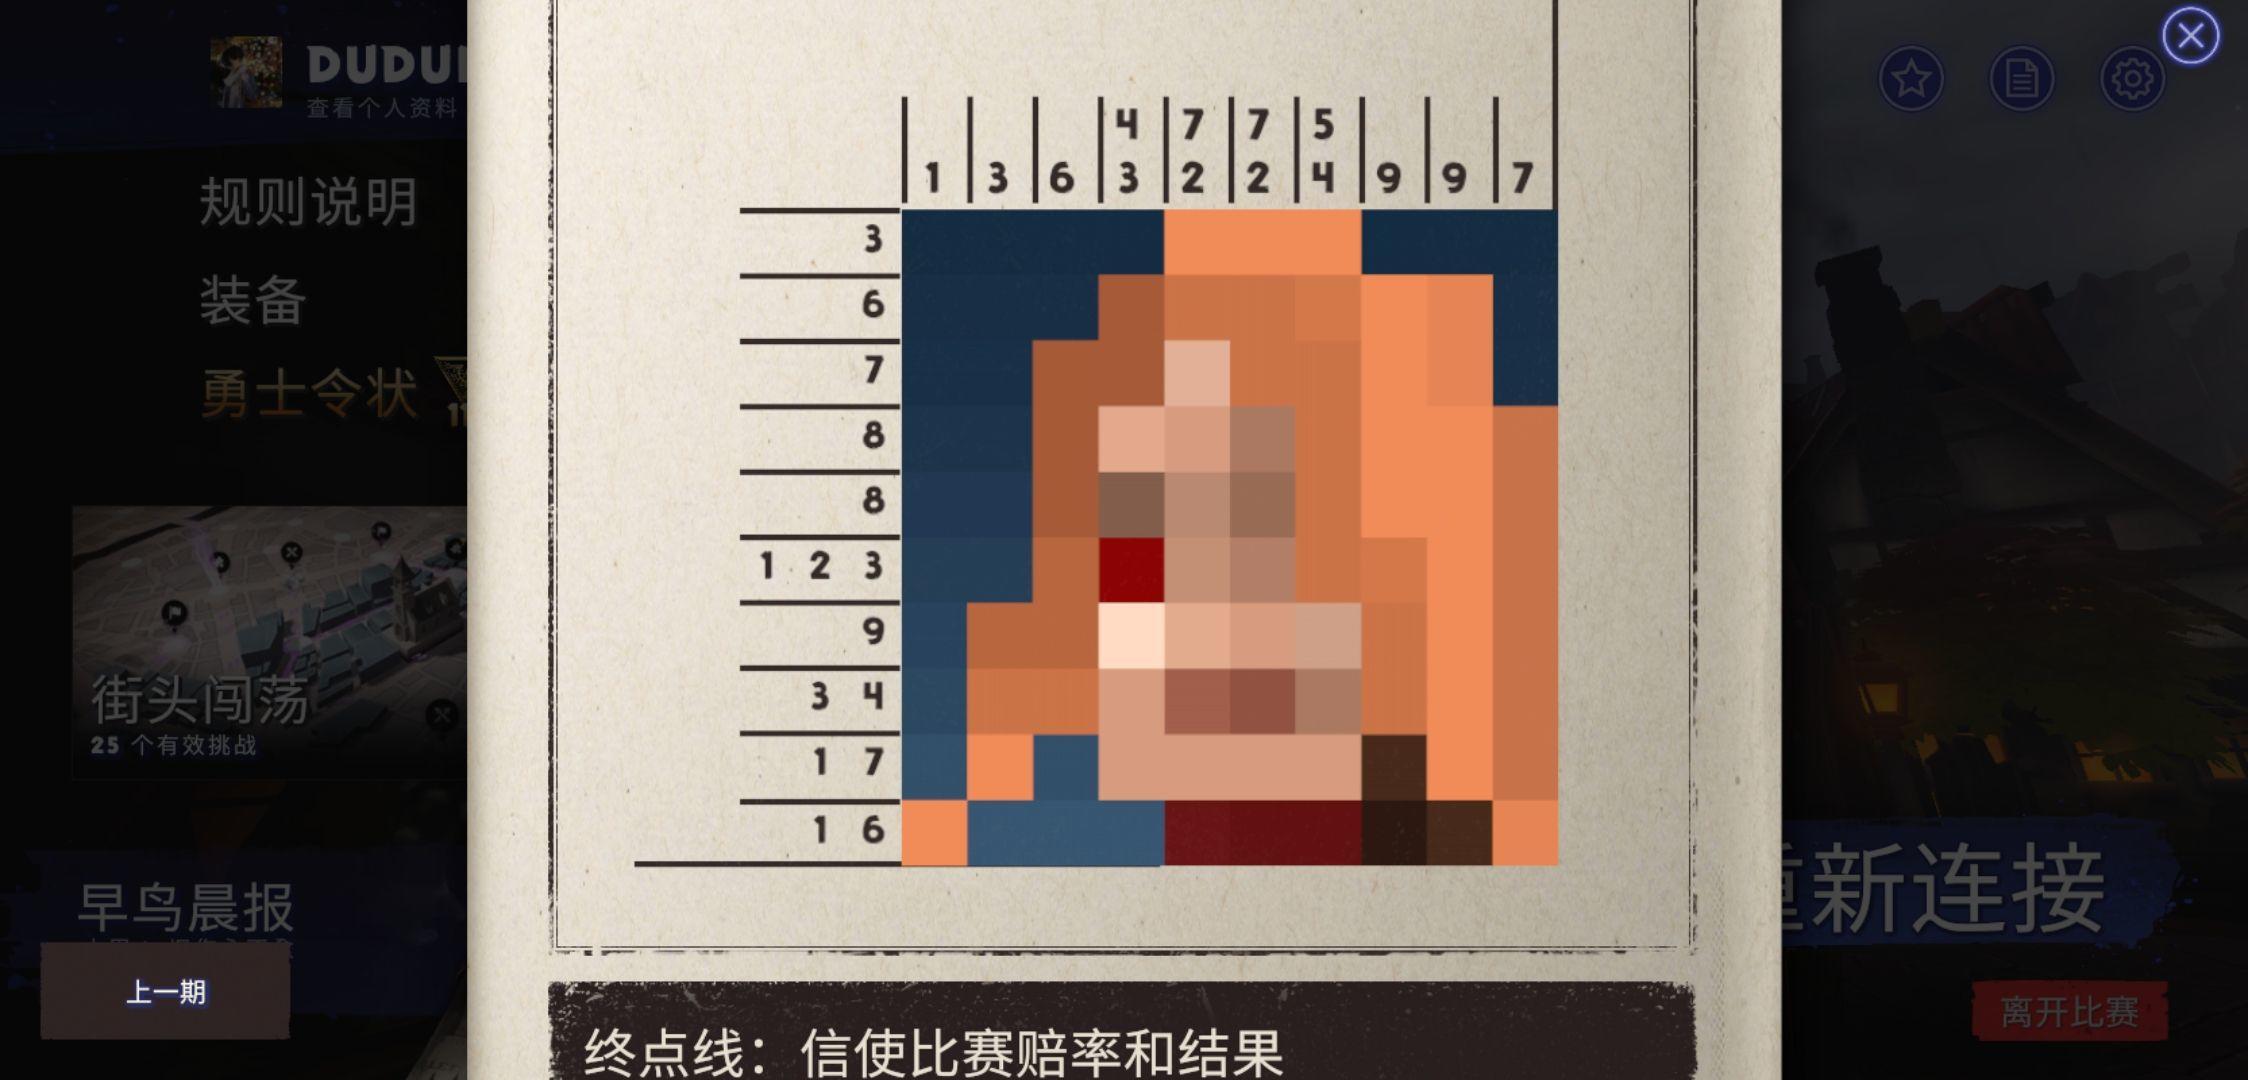 刀塔霸业本周(8月14日)谜题答案一览